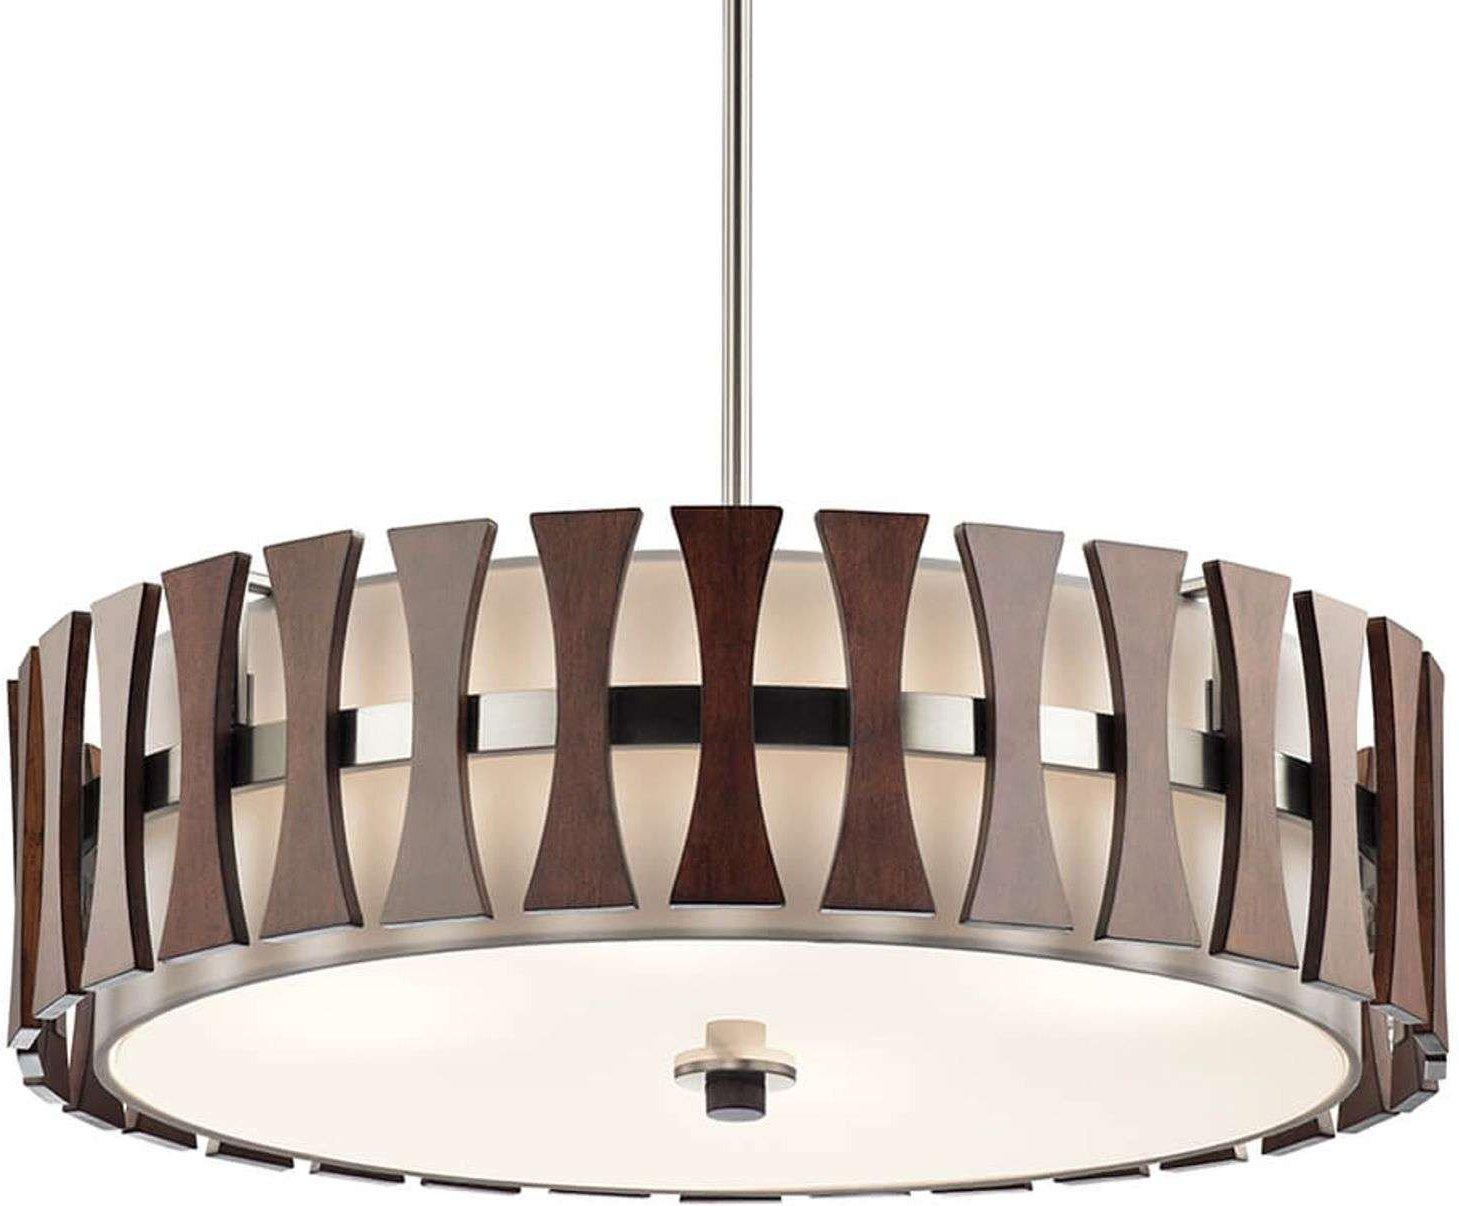 Wonderful wooden hanging lamp Cirus